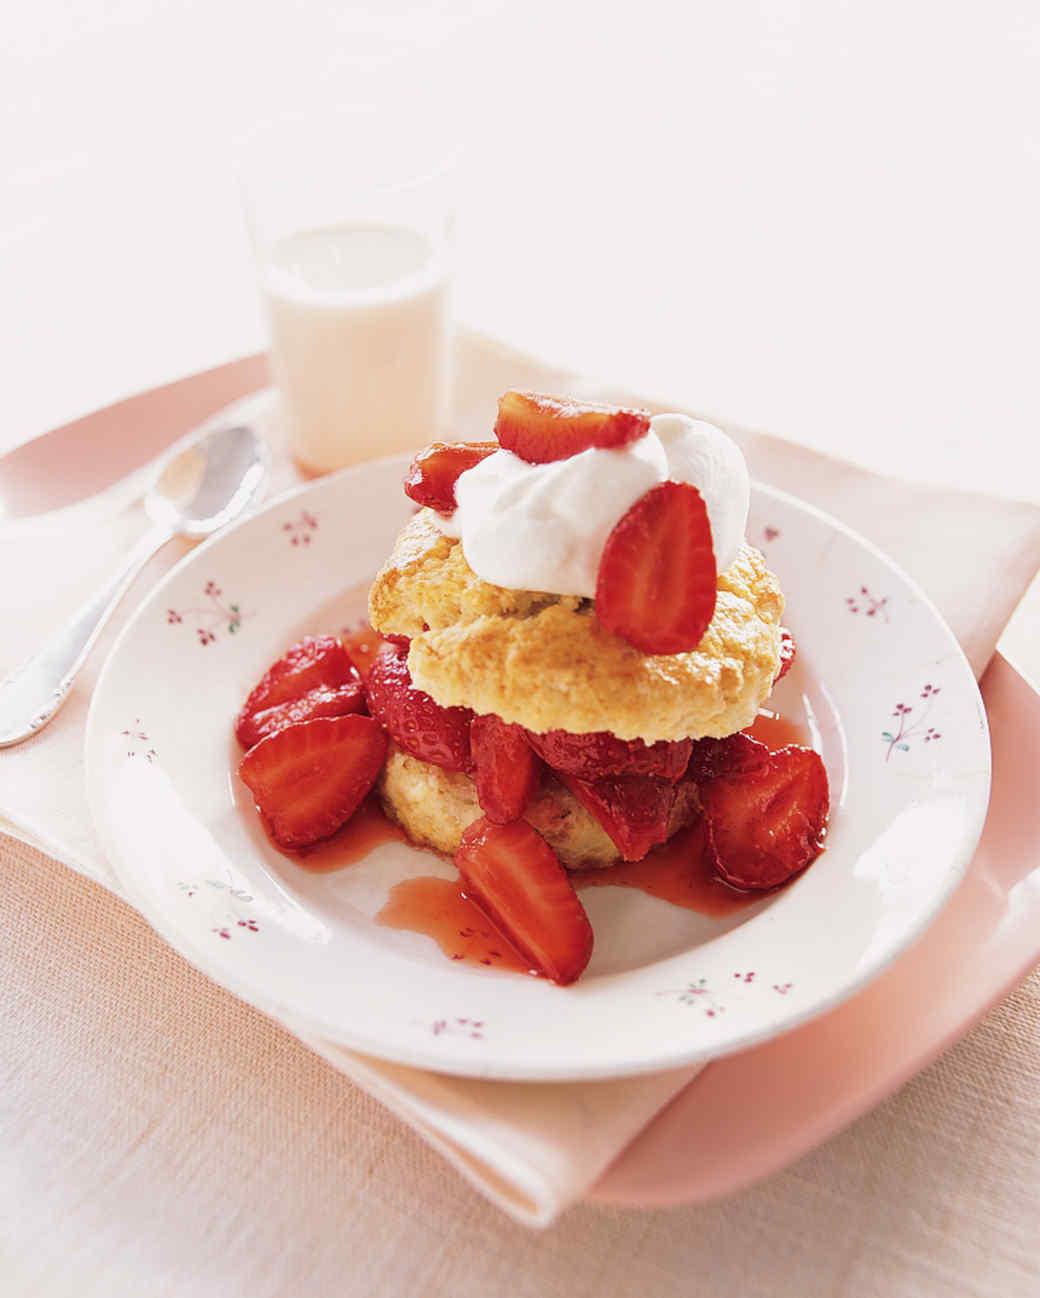 mslkids_sum2002_b16sx_0961_strawberryshortcake.jpg